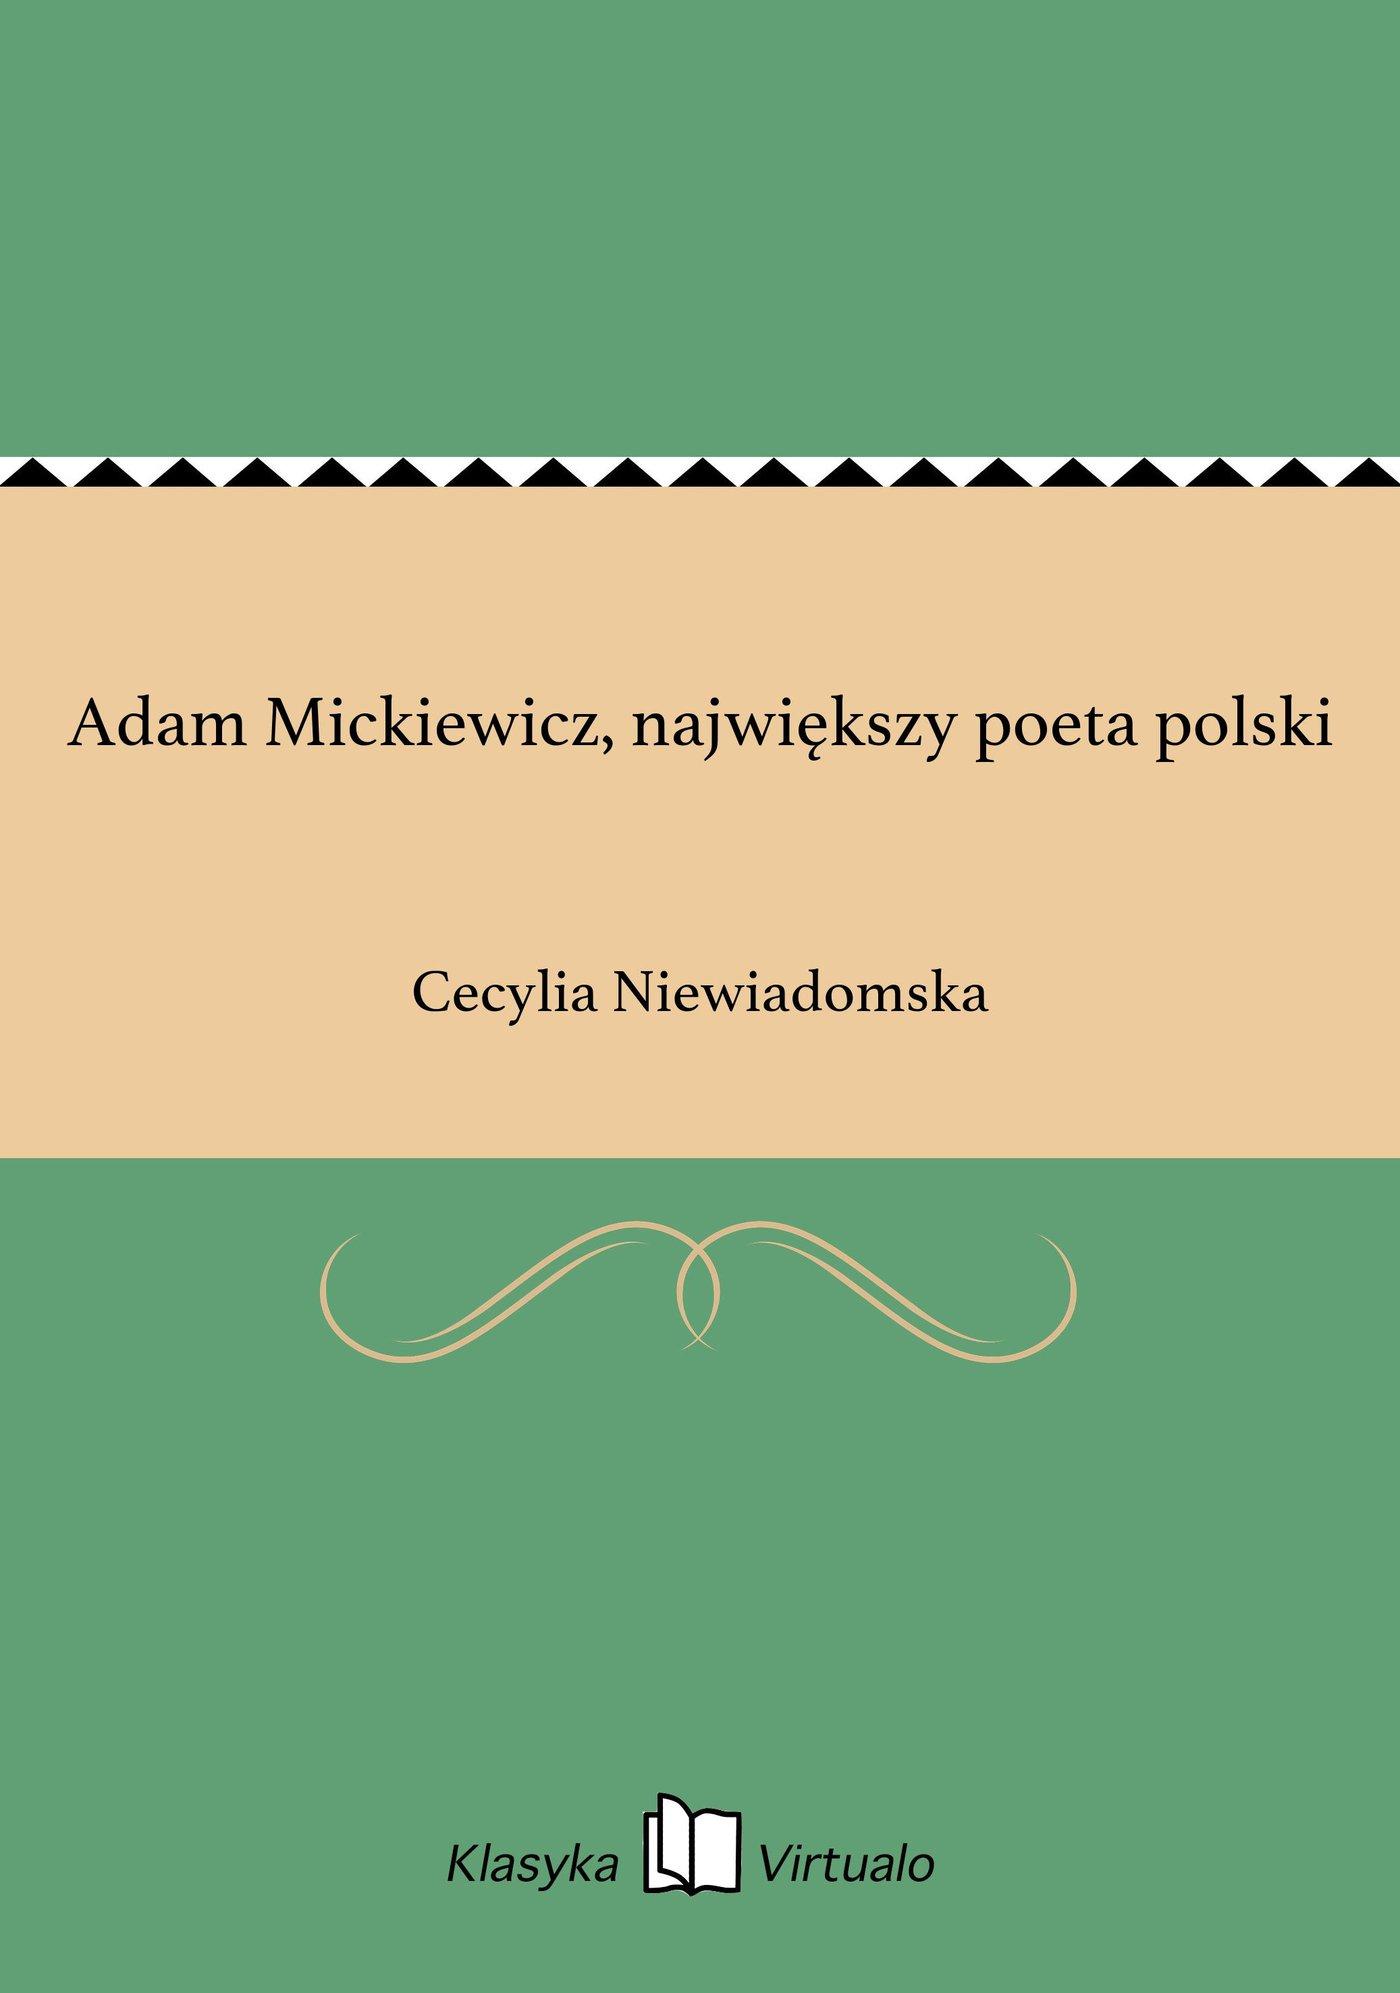 Adam Mickiewicz, największy poeta polski - Ebook (Książka EPUB) do pobrania w formacie EPUB